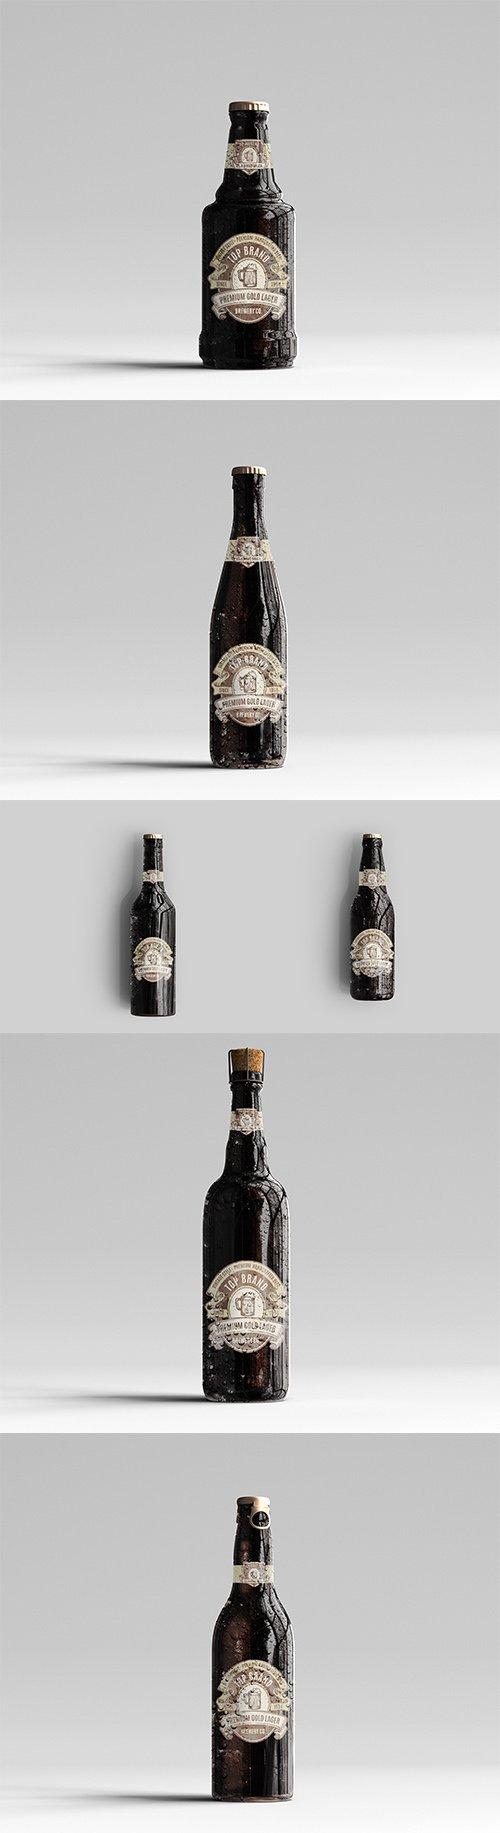 Amber Glass Beer Bottle Mockup PSD Pack